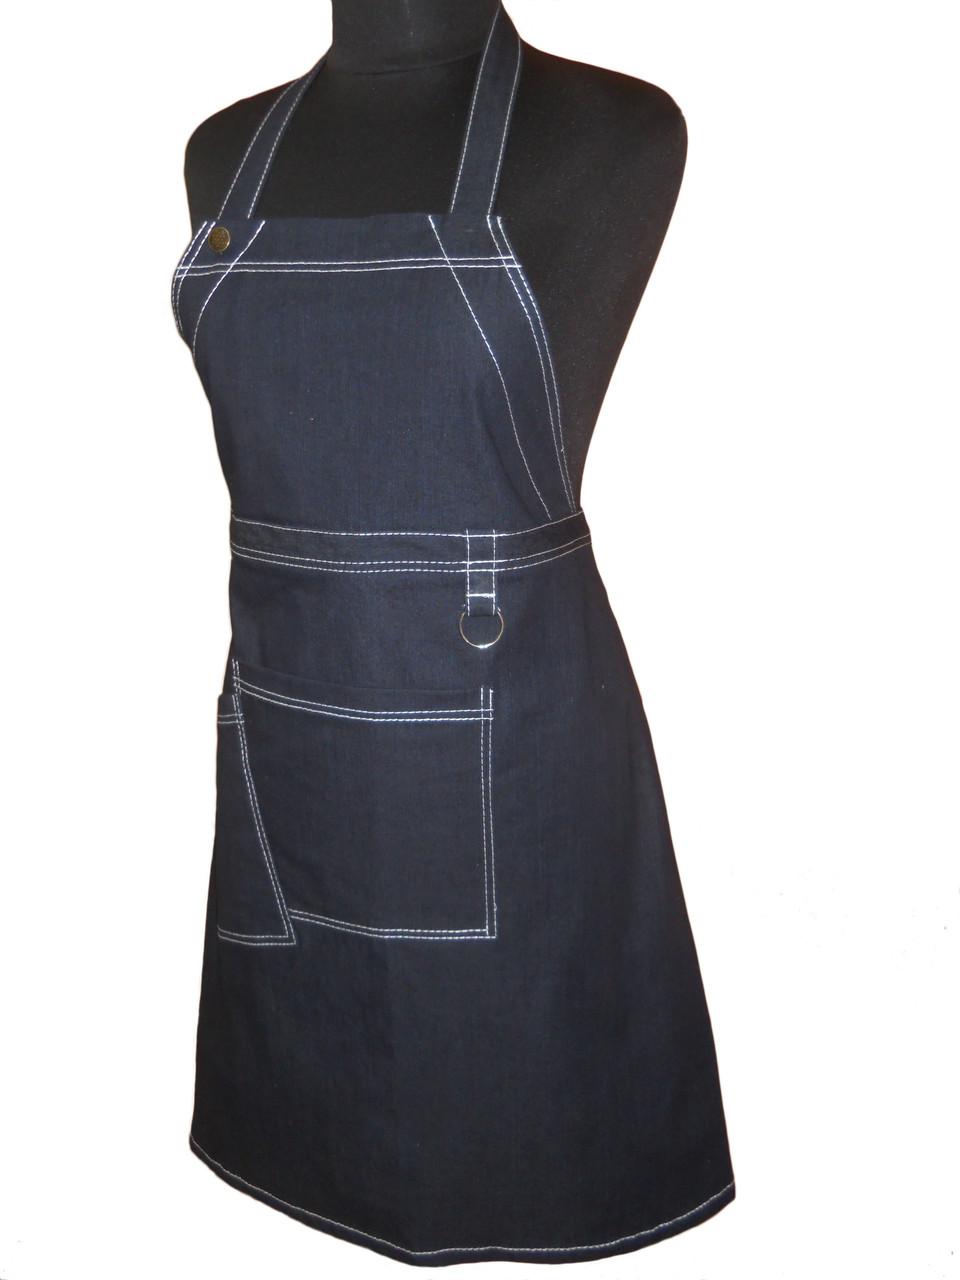 Передник джинсовый с нагрудником для официанта Atteks  - 00417